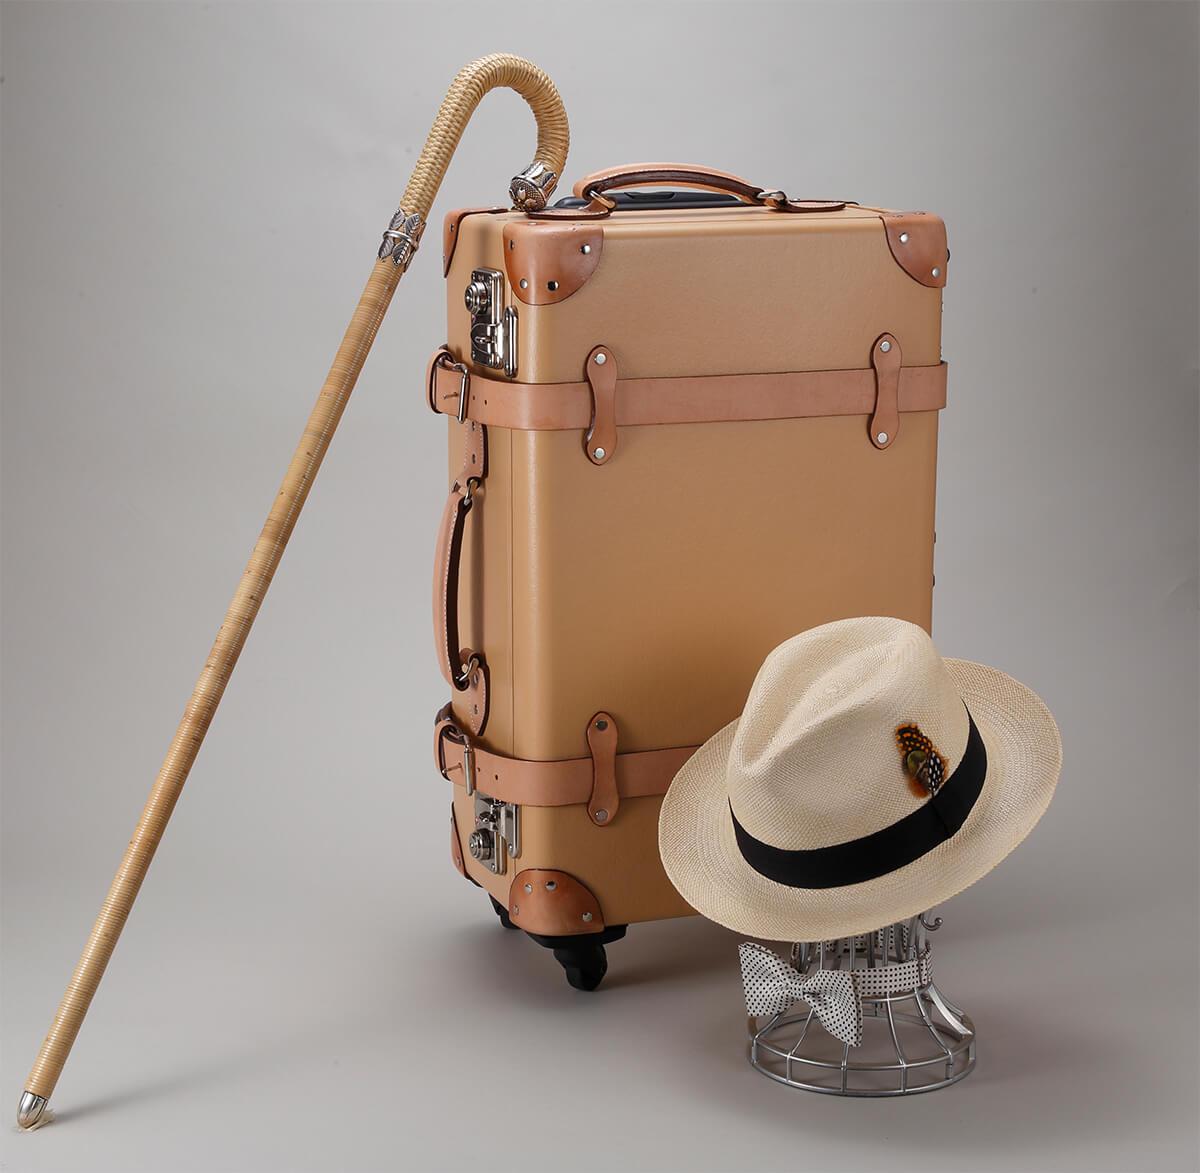 クラシックタイプ旅行鞄